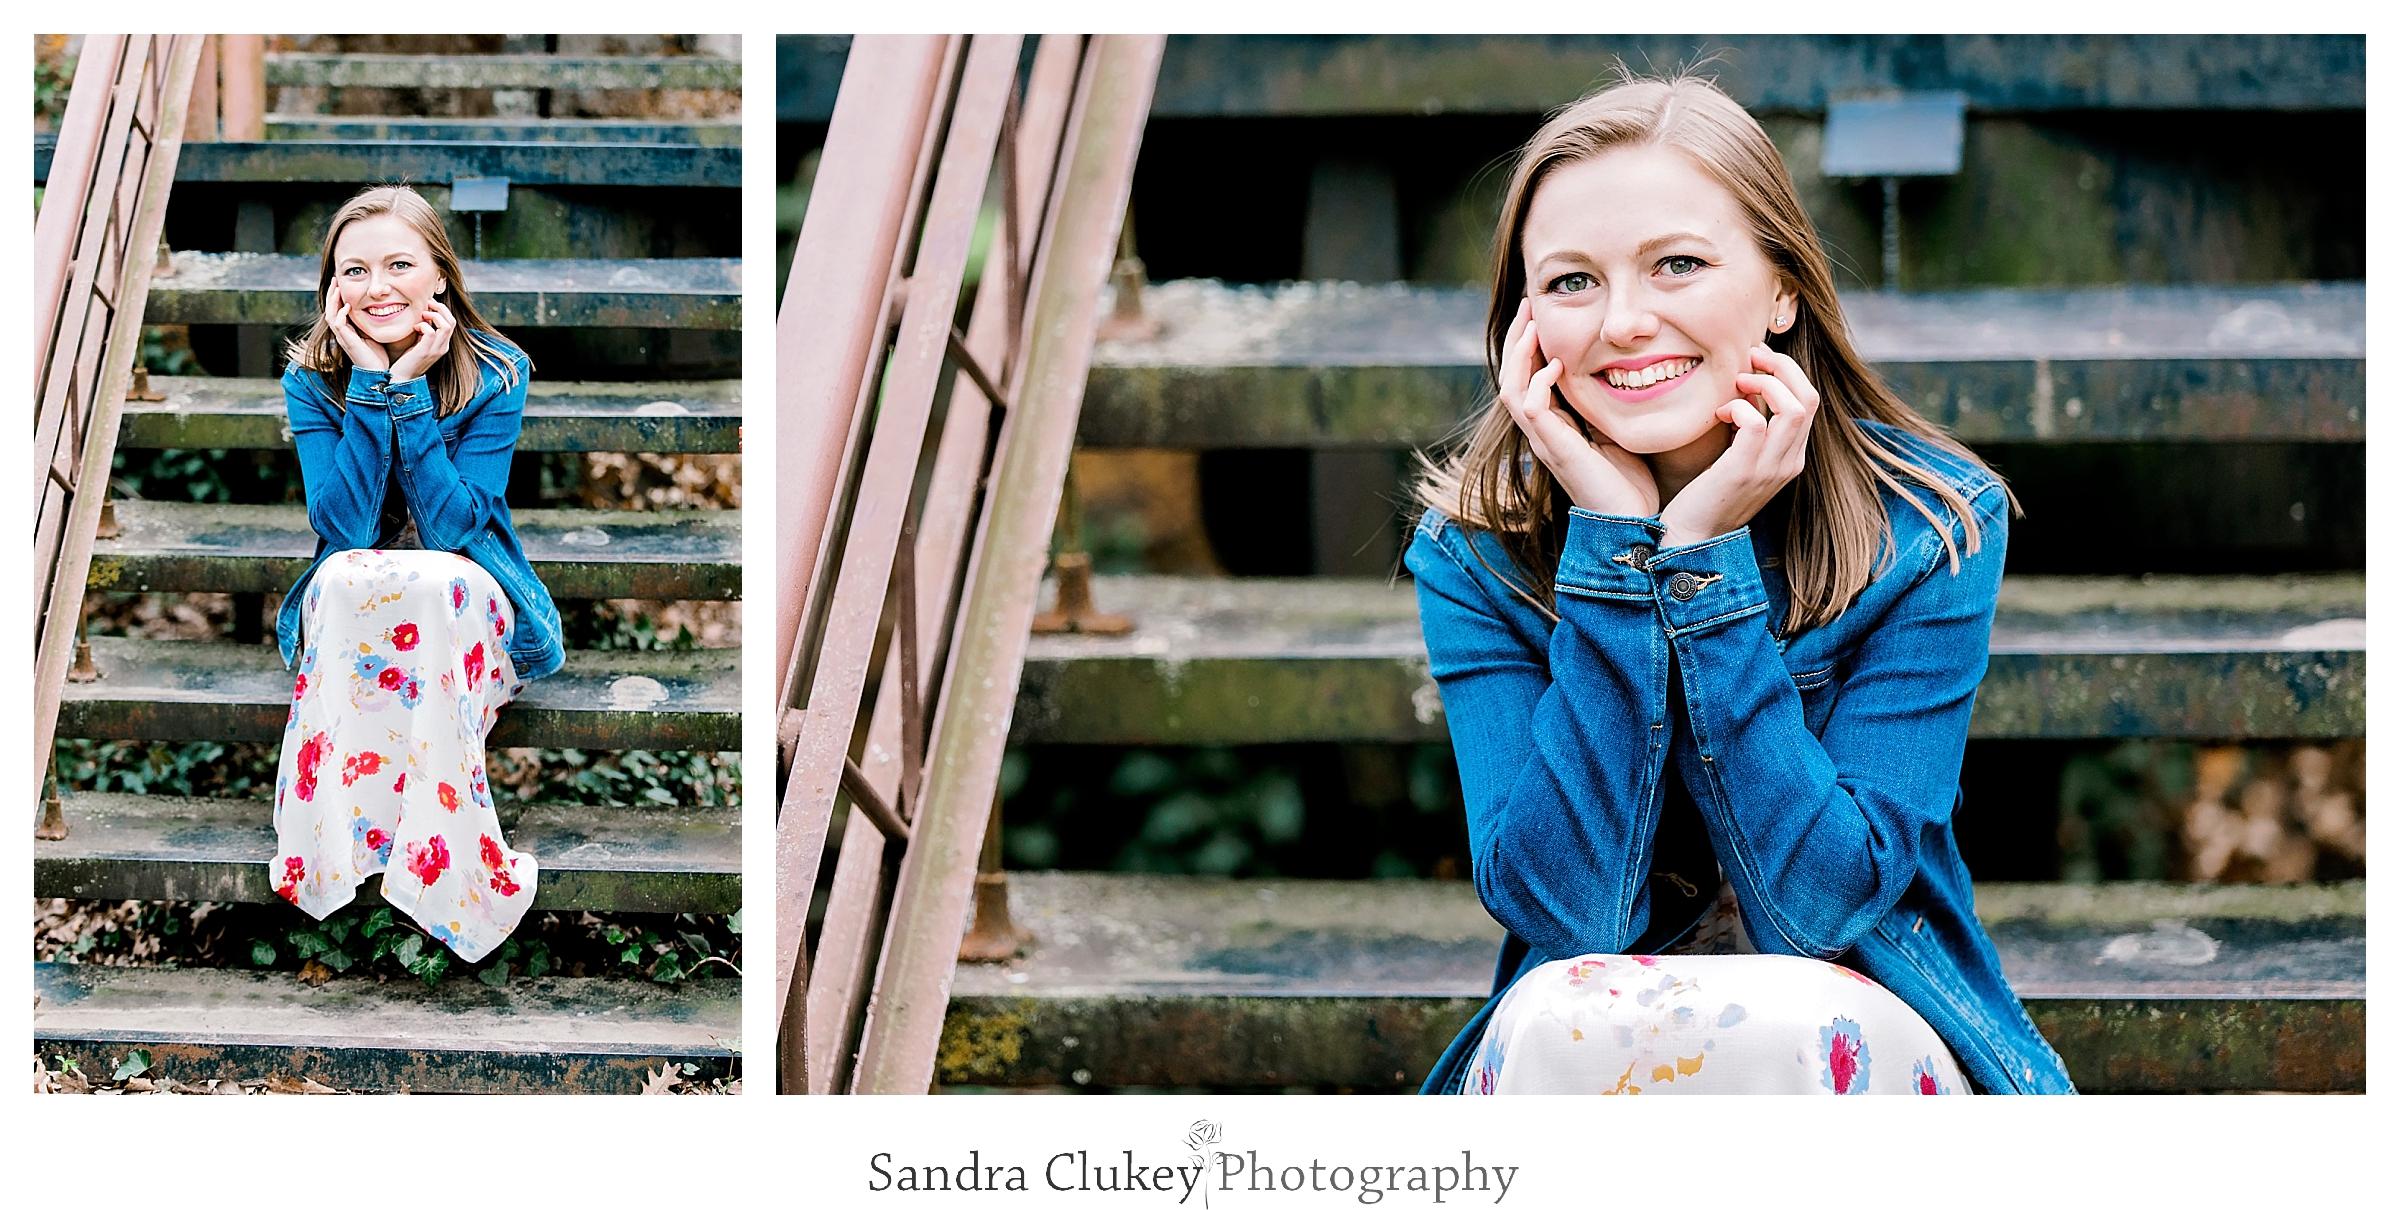 Sandra Clukey Photography_1783.jpg